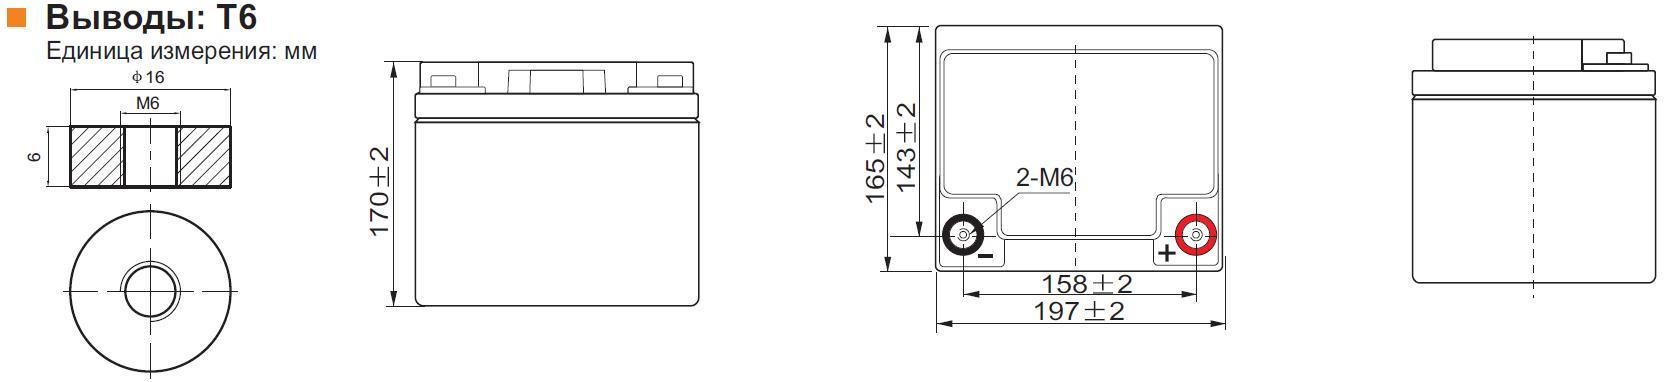 Габариты и тип клемм аккумулятора Leoch DJM 1245